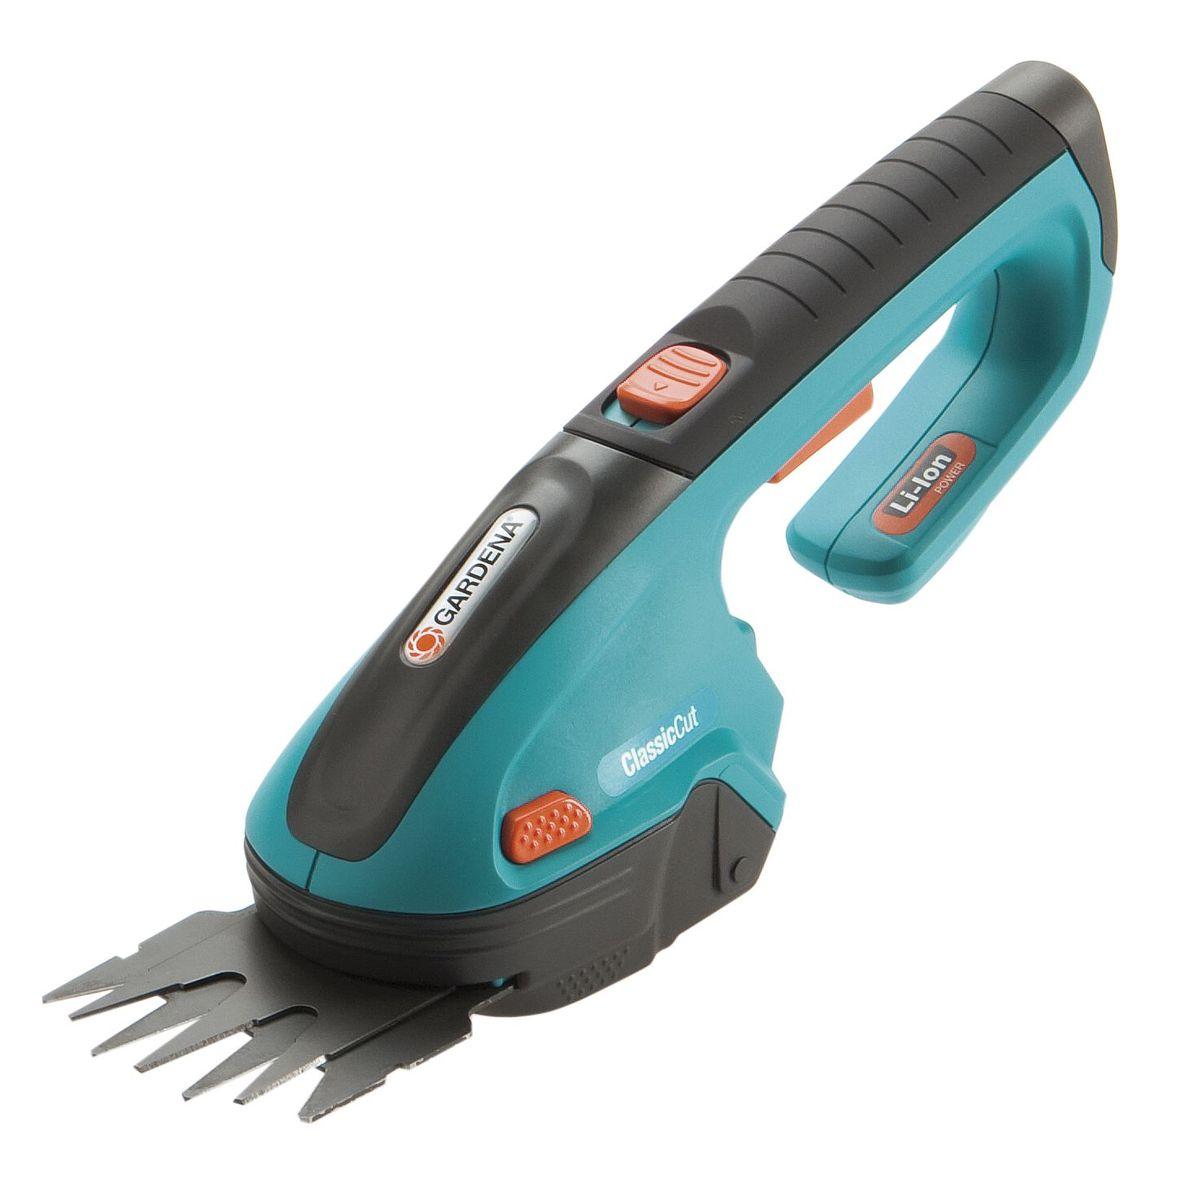 Ножницы аккумуляторные Gardena ClassicCuT08885-20.000.00С аккумуляторными газонными ножницами Gardena ClassicCut вы сможете легко подстричь кромки газонов без подключения к электросети. Кроме того, в комплект входит нож для травы и кустарников (ширина 8 см), благодаря чему ножницы могут использоваться для придания формы кустарнику наподобие самшита. Мощная, простая в обслуживании литий-ионная аккумуляторная батарея гарантирует легкость работы и прекрасную производительность. Светодиодный дисплей постоянно показывает уровень заряда аккумулятора и позволяет оценить оставшееся время работы, а также вовремя сигнализирует о необходимости подзарядки. Благодаря эргономичной рукоятке аккумуляторные газонные ножницы хорошо лежат в руке, а их высокая эффективность обеспечивает превосходные результаты стрижки. Съемные ножи прецизионной заточки имеют покрытие от налипания. Ножи заменяются без помощи инструментов - невероятно просто, быстро и безопасно. Это дает возможность легко преобразовать газонные ножницы в кусторезы. В...